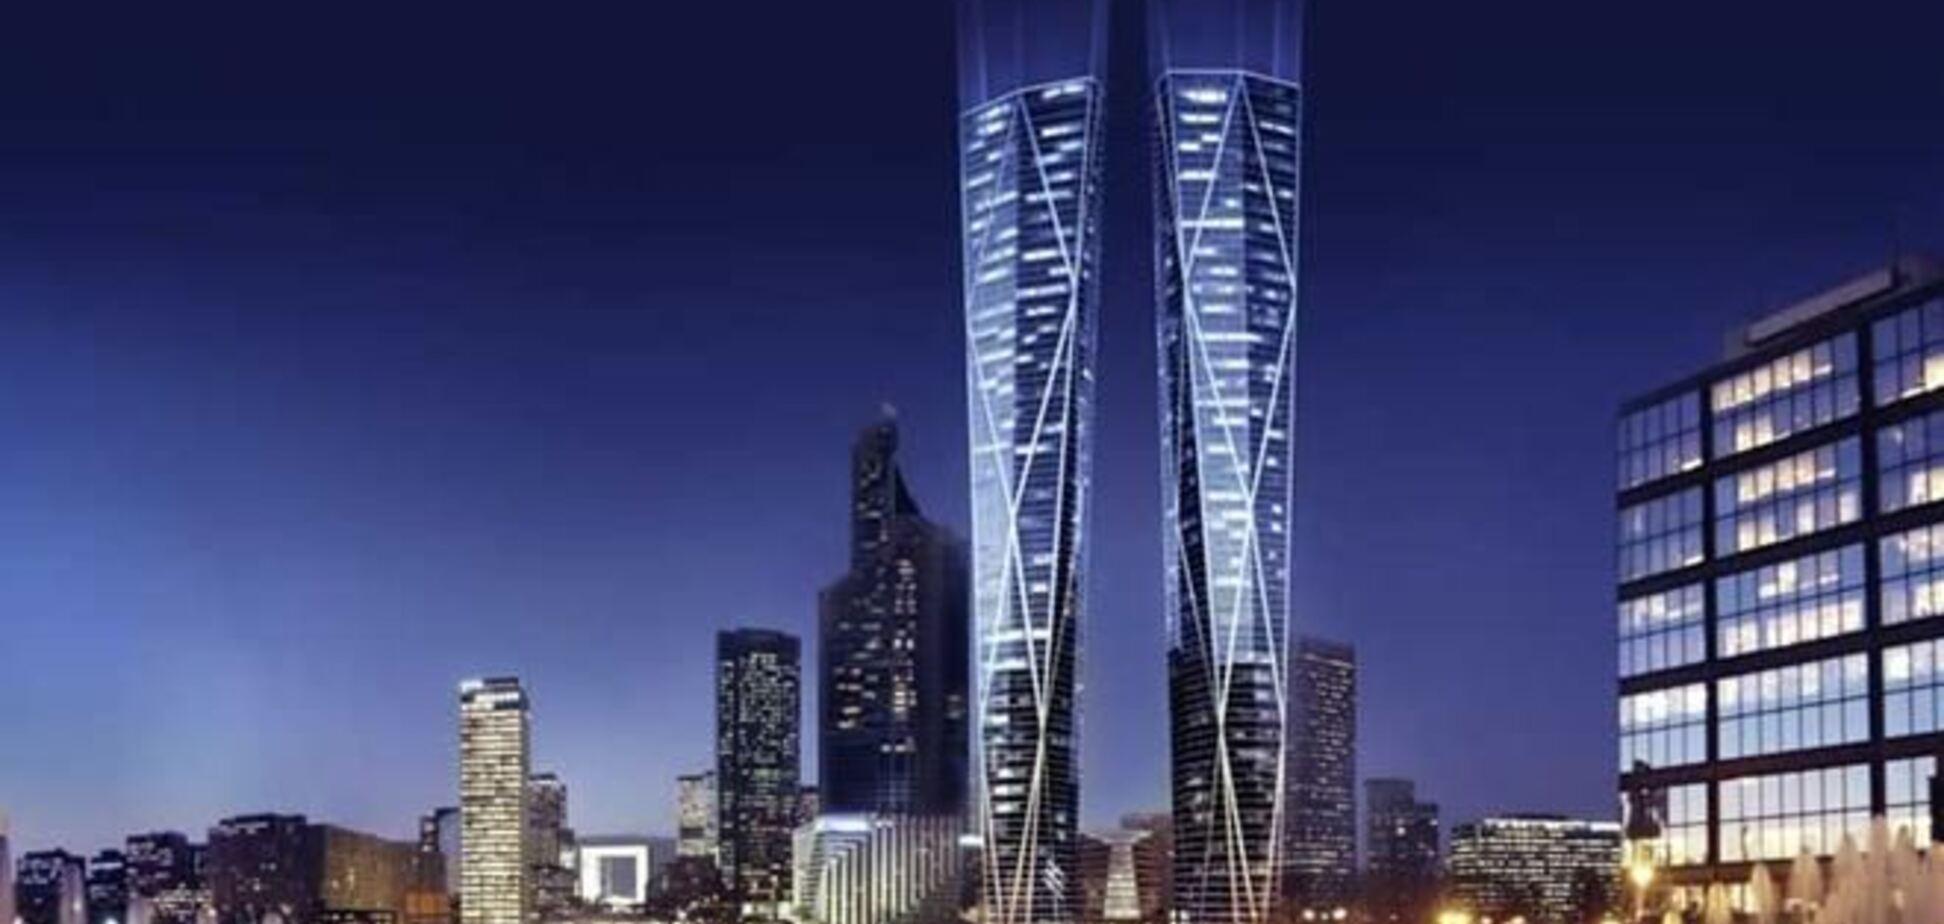 Нефтяная компания Cepsa арендовала у Bankia небоскреб в Мадриде